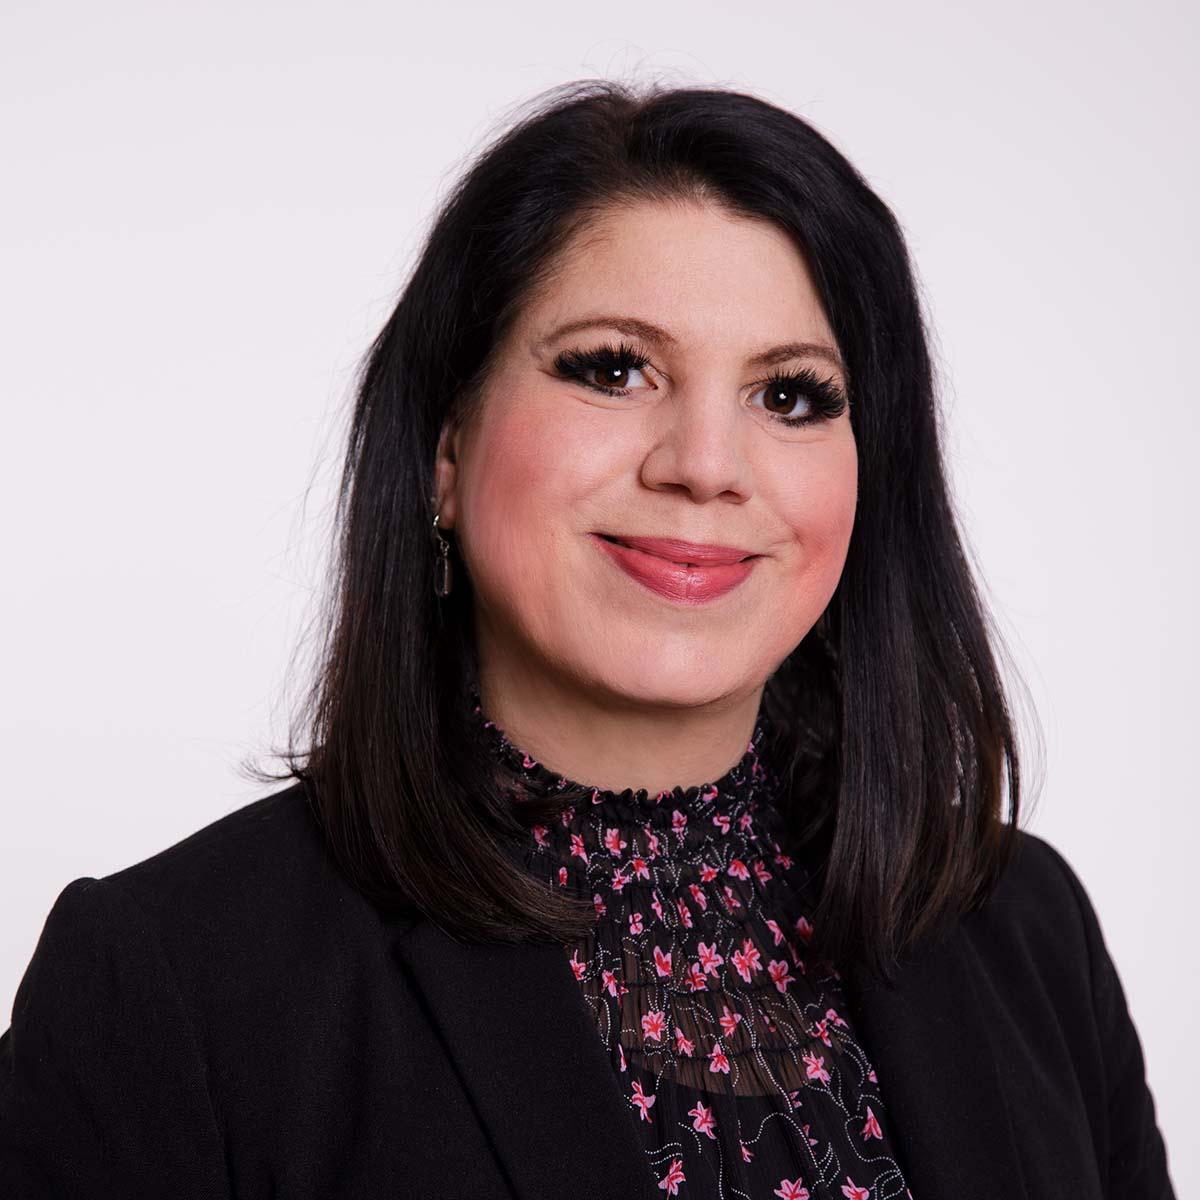 Nicole Goebel